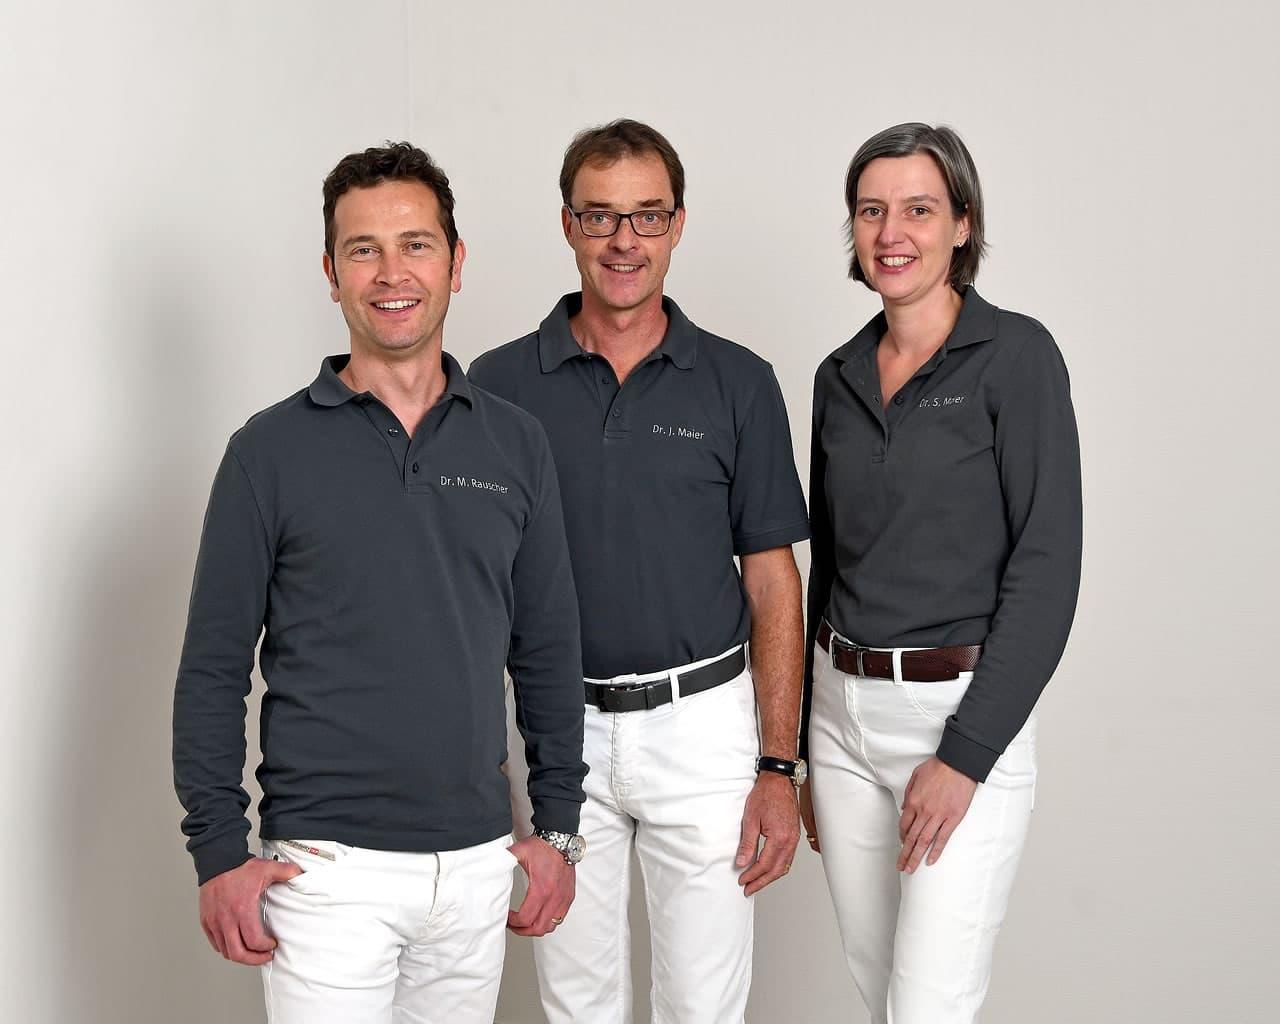 Das Ärzte-Team der Praxis Maier-Rauscher in Nürtingen